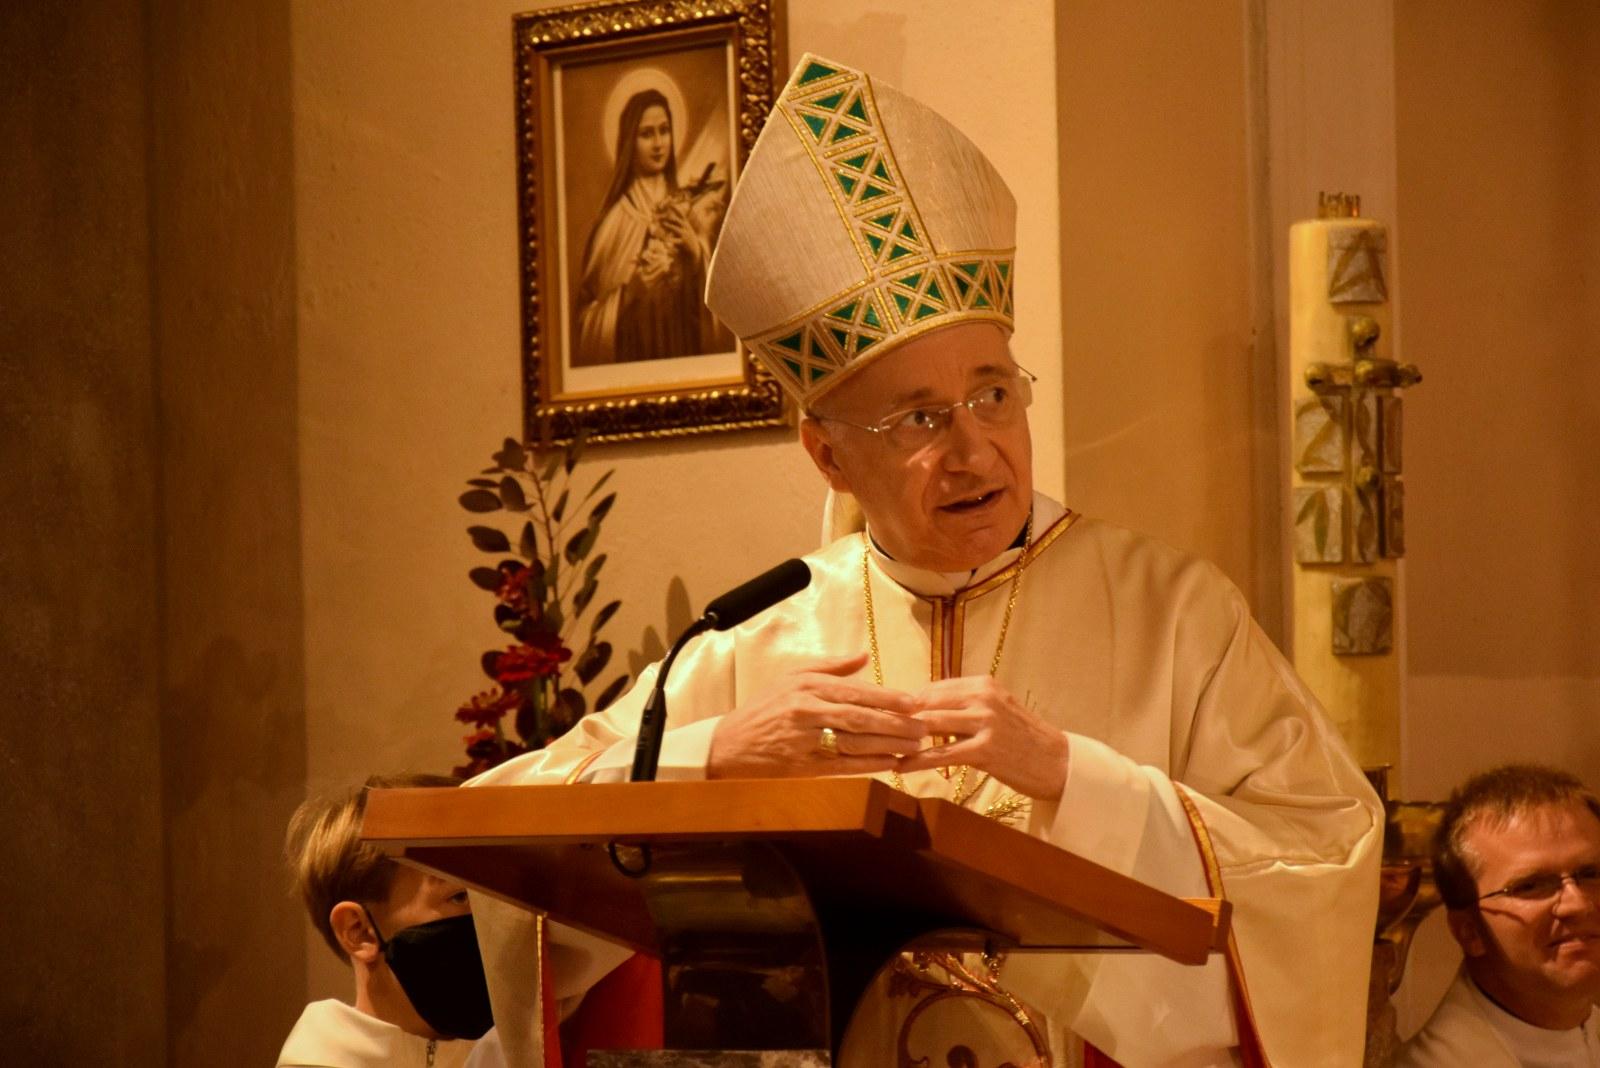 Aspostolski nuncij v Preski na žegnanjsko nedeljo